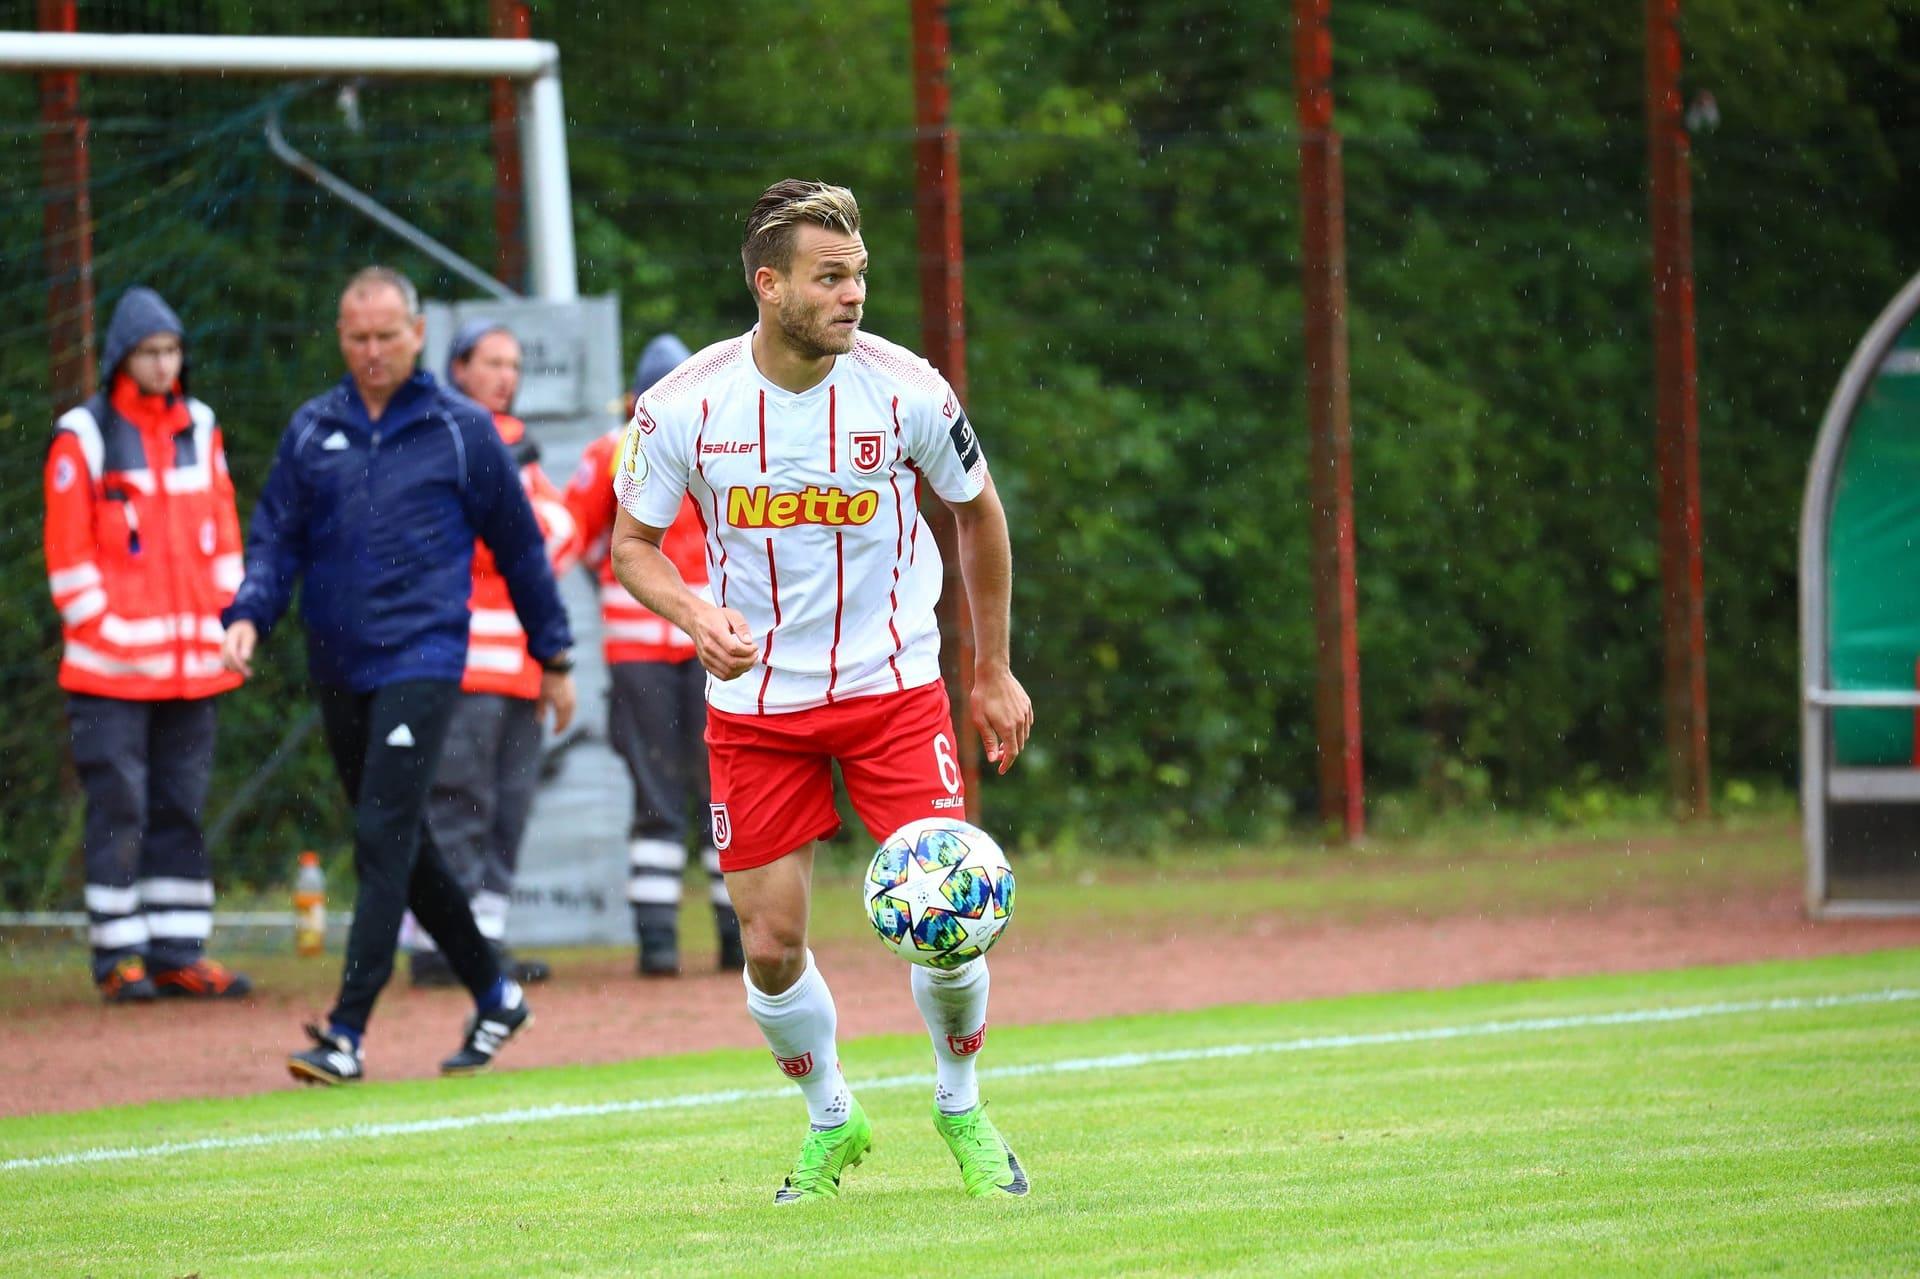 DFB-Pokal: Jahn Regensburg trifft auf Vertreter des Südwestdeutschen Fußball-Verbandes In der 1. Hauptrunde könnte der 1. FC Kaiserslautern der Gegner für die Jahn-Elf sein